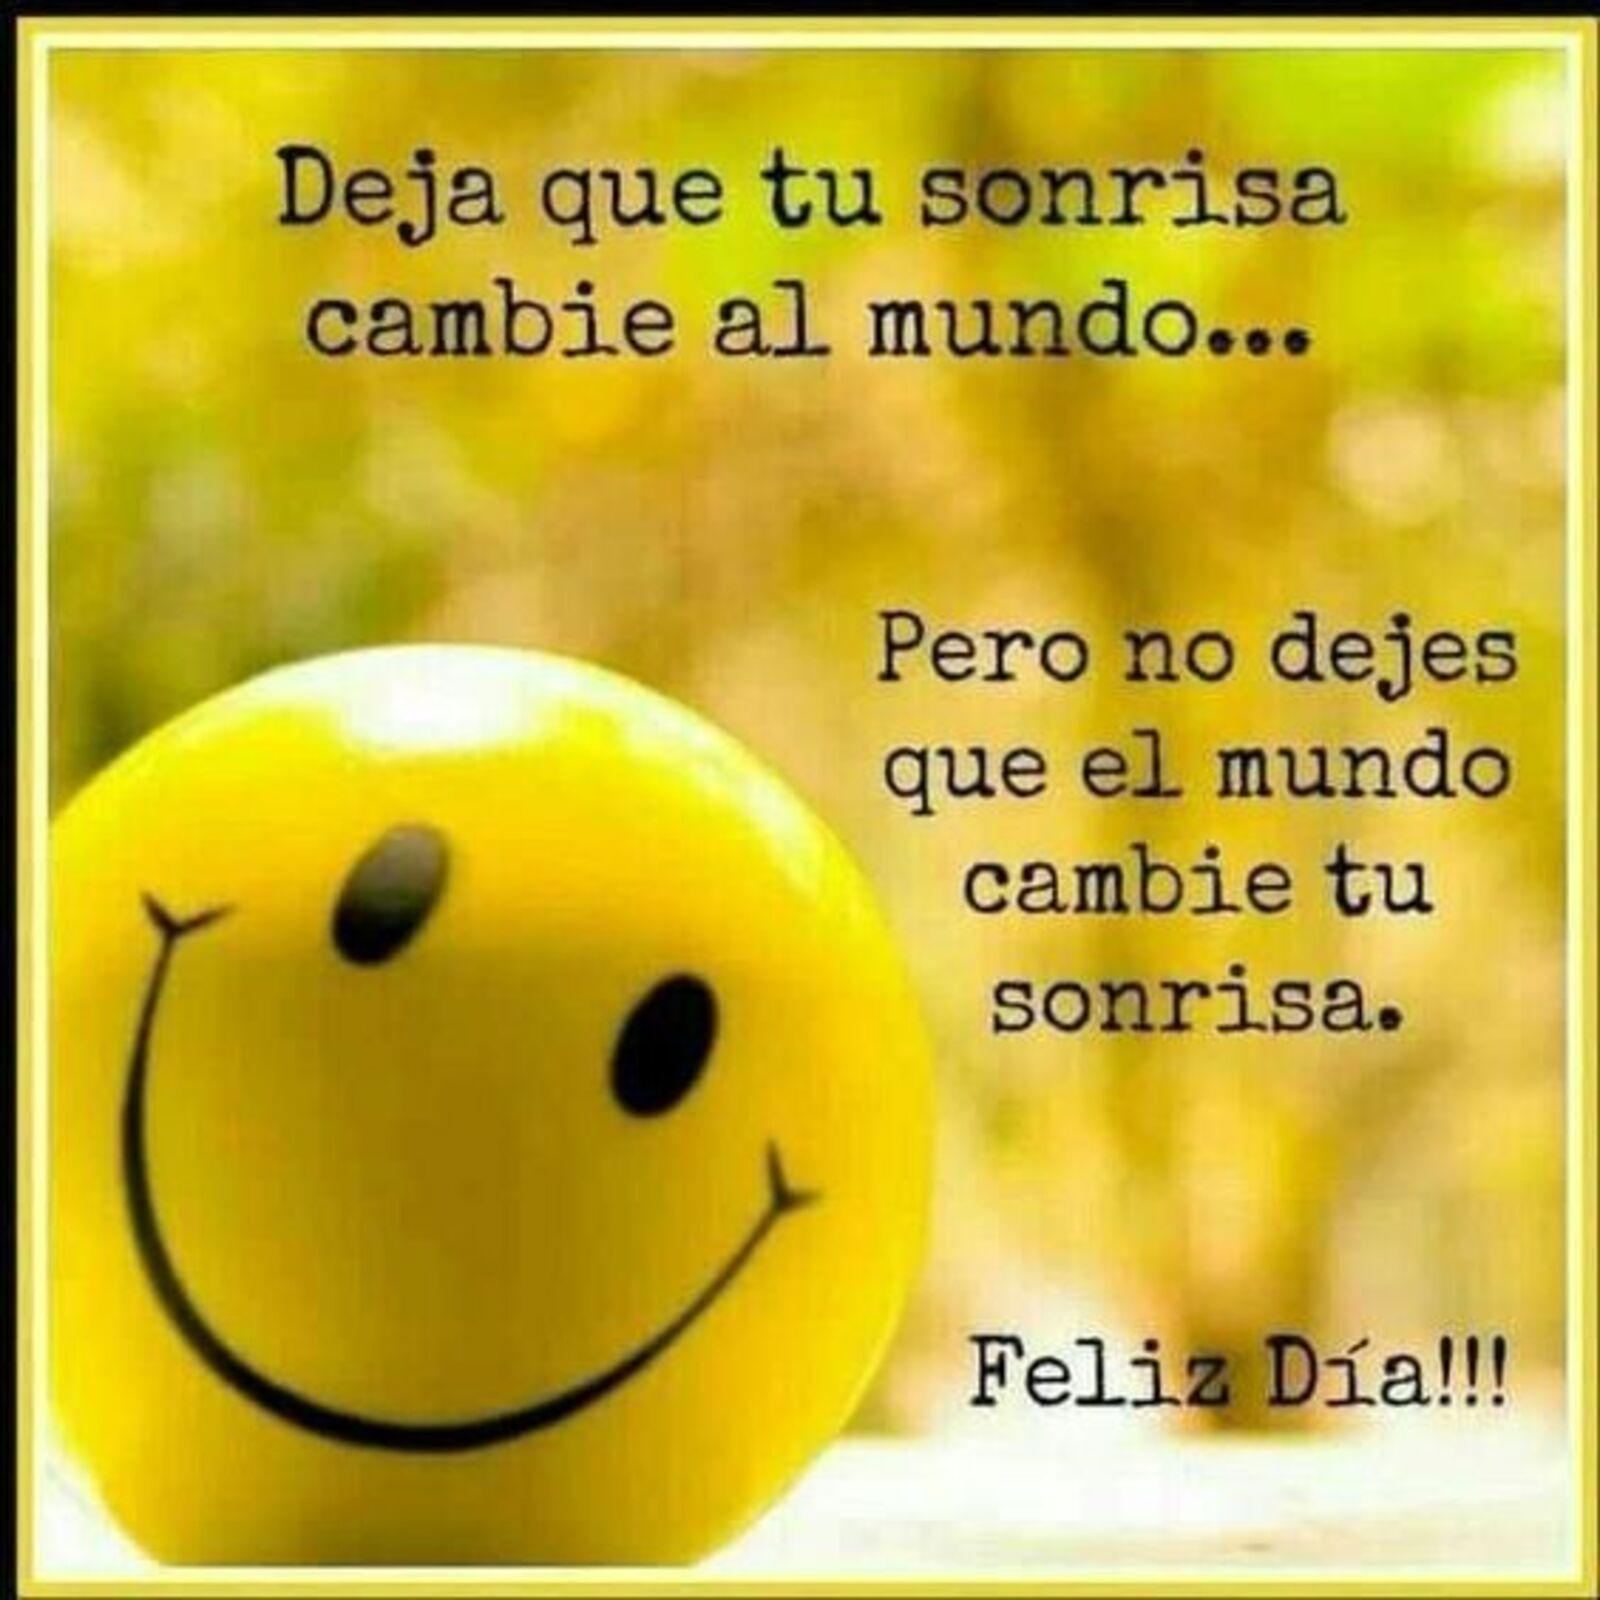 Deja que tu sonrisa cambie el mundo...pero no dejes que el mundo cambie tu sonrisa. Feliz día